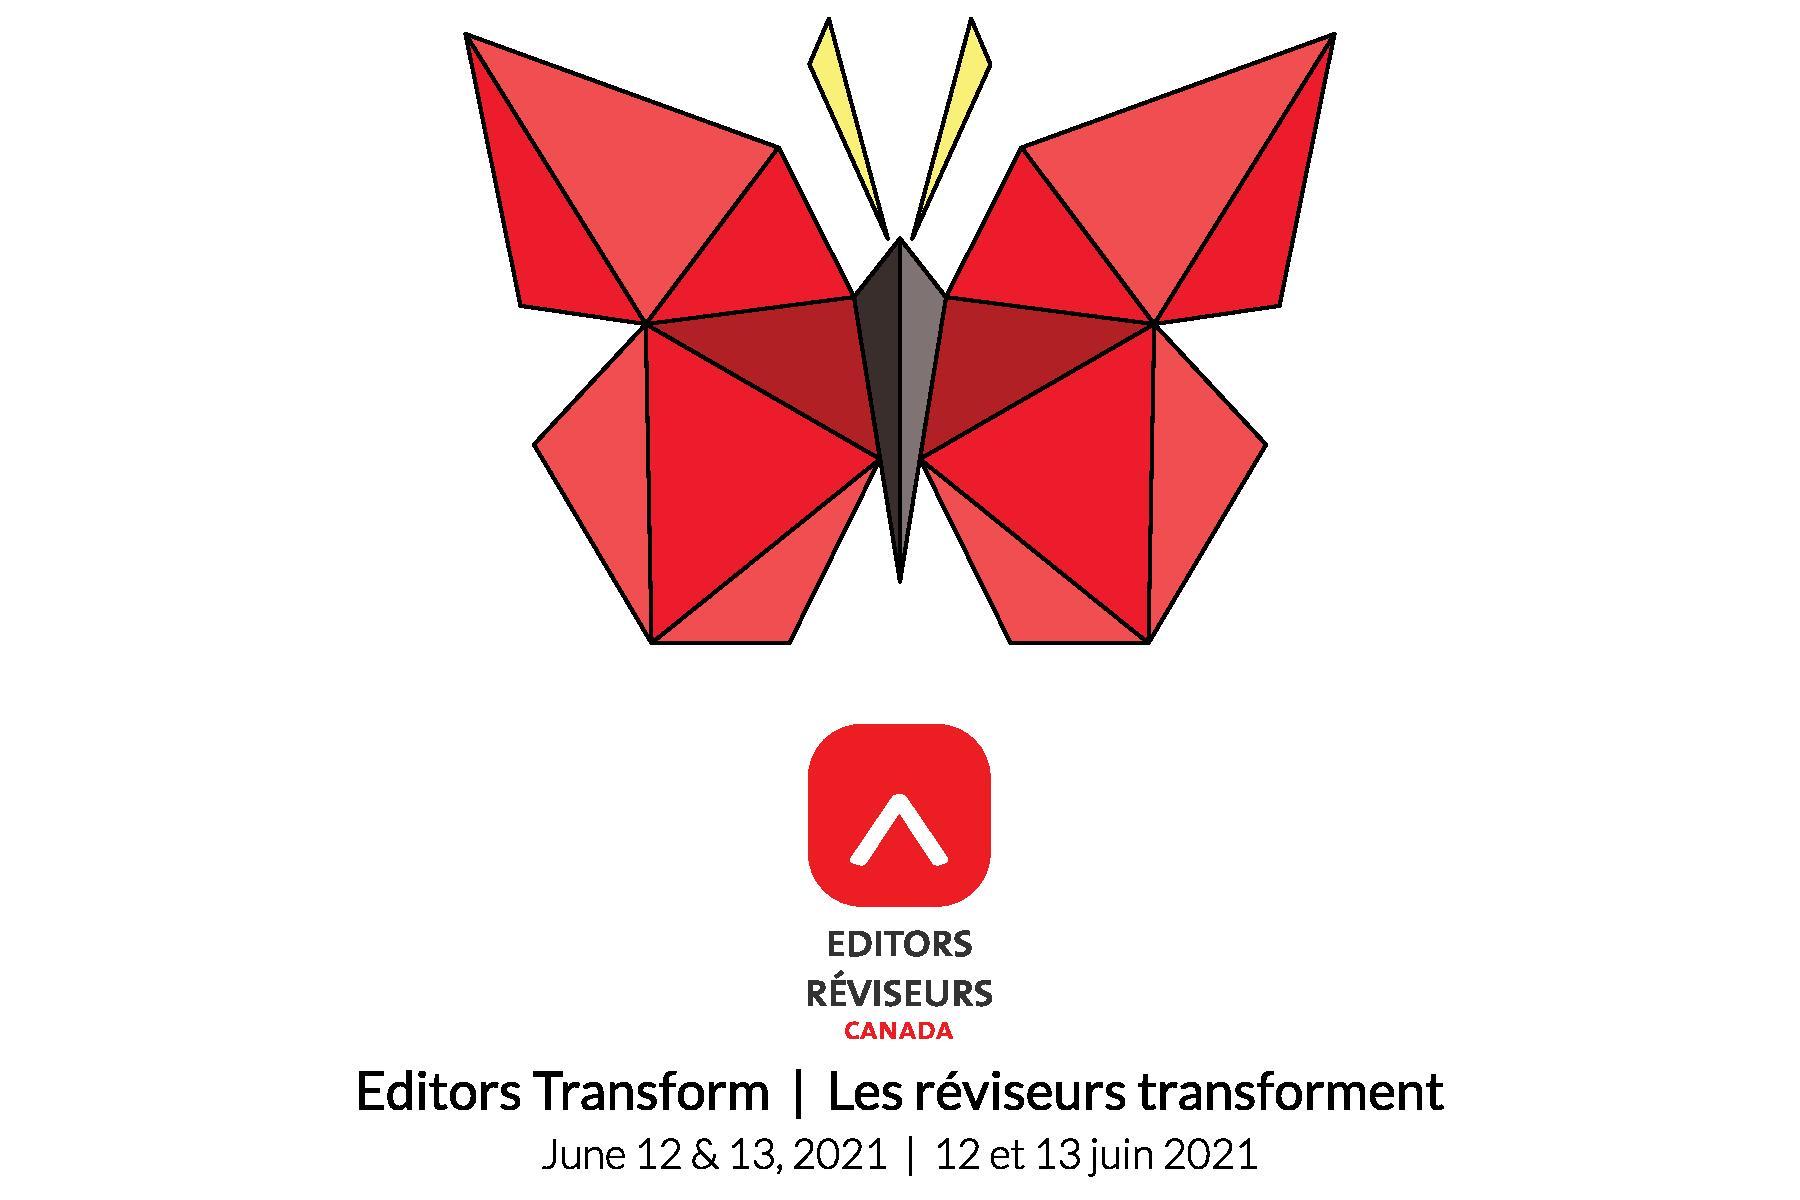 Congrès 2021 de Réviseurs Canada: Les réviseurs transforment / logo du congrès (image d'un papillon rouge en origami) et le logo et mot-symbole de Réviseurs Canada